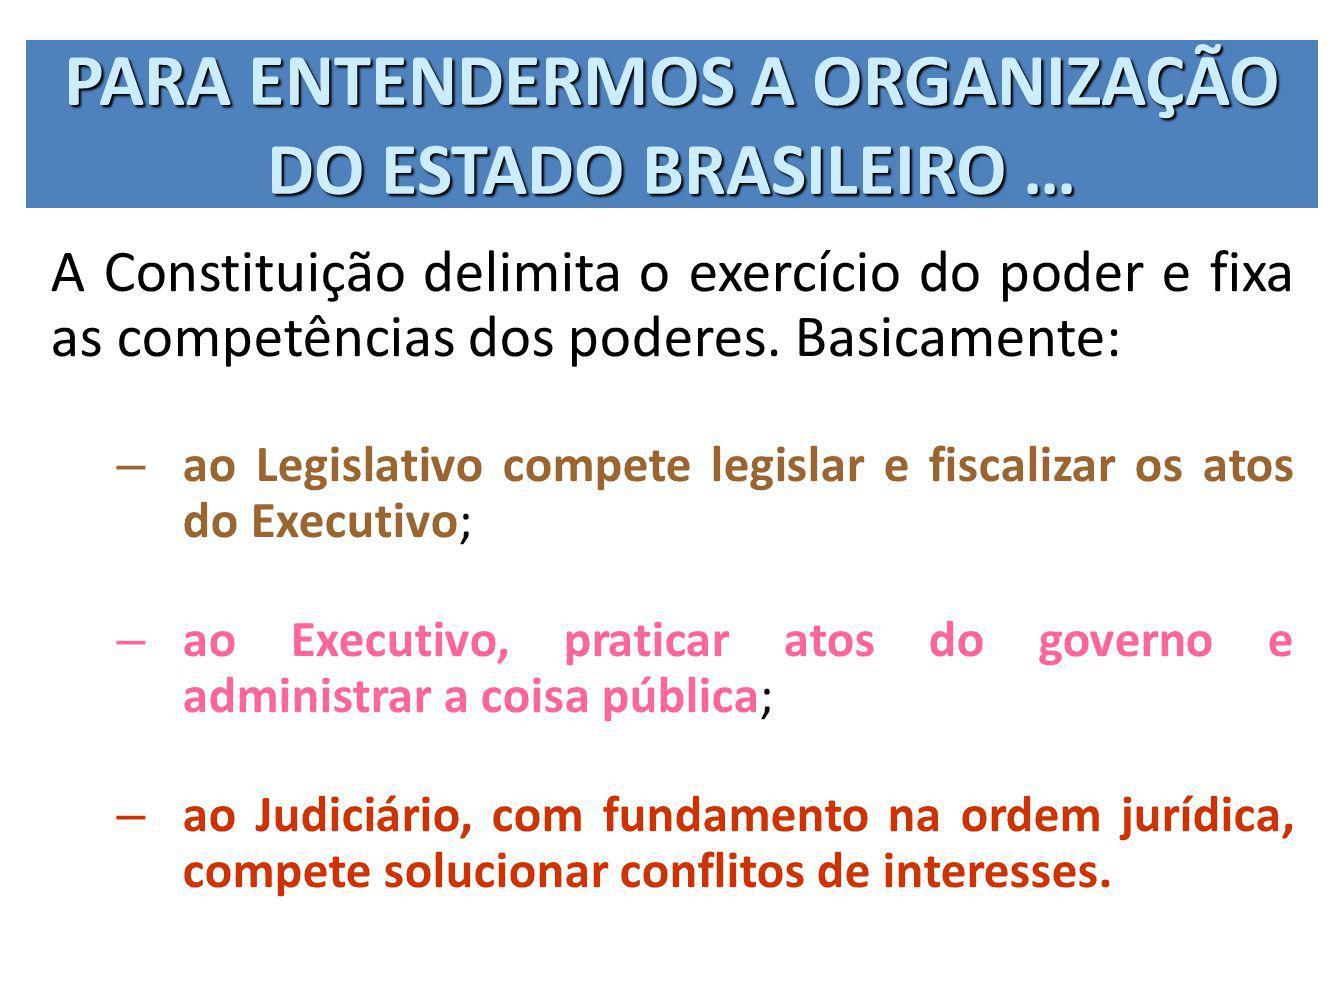 PARA ENTENDERMOS A ORGANIZAÇÃO DO ESTADO BRASILEIRO … A Constituição delimita o exercício do poder e fixa as competências dos poderes. Basicamente: –